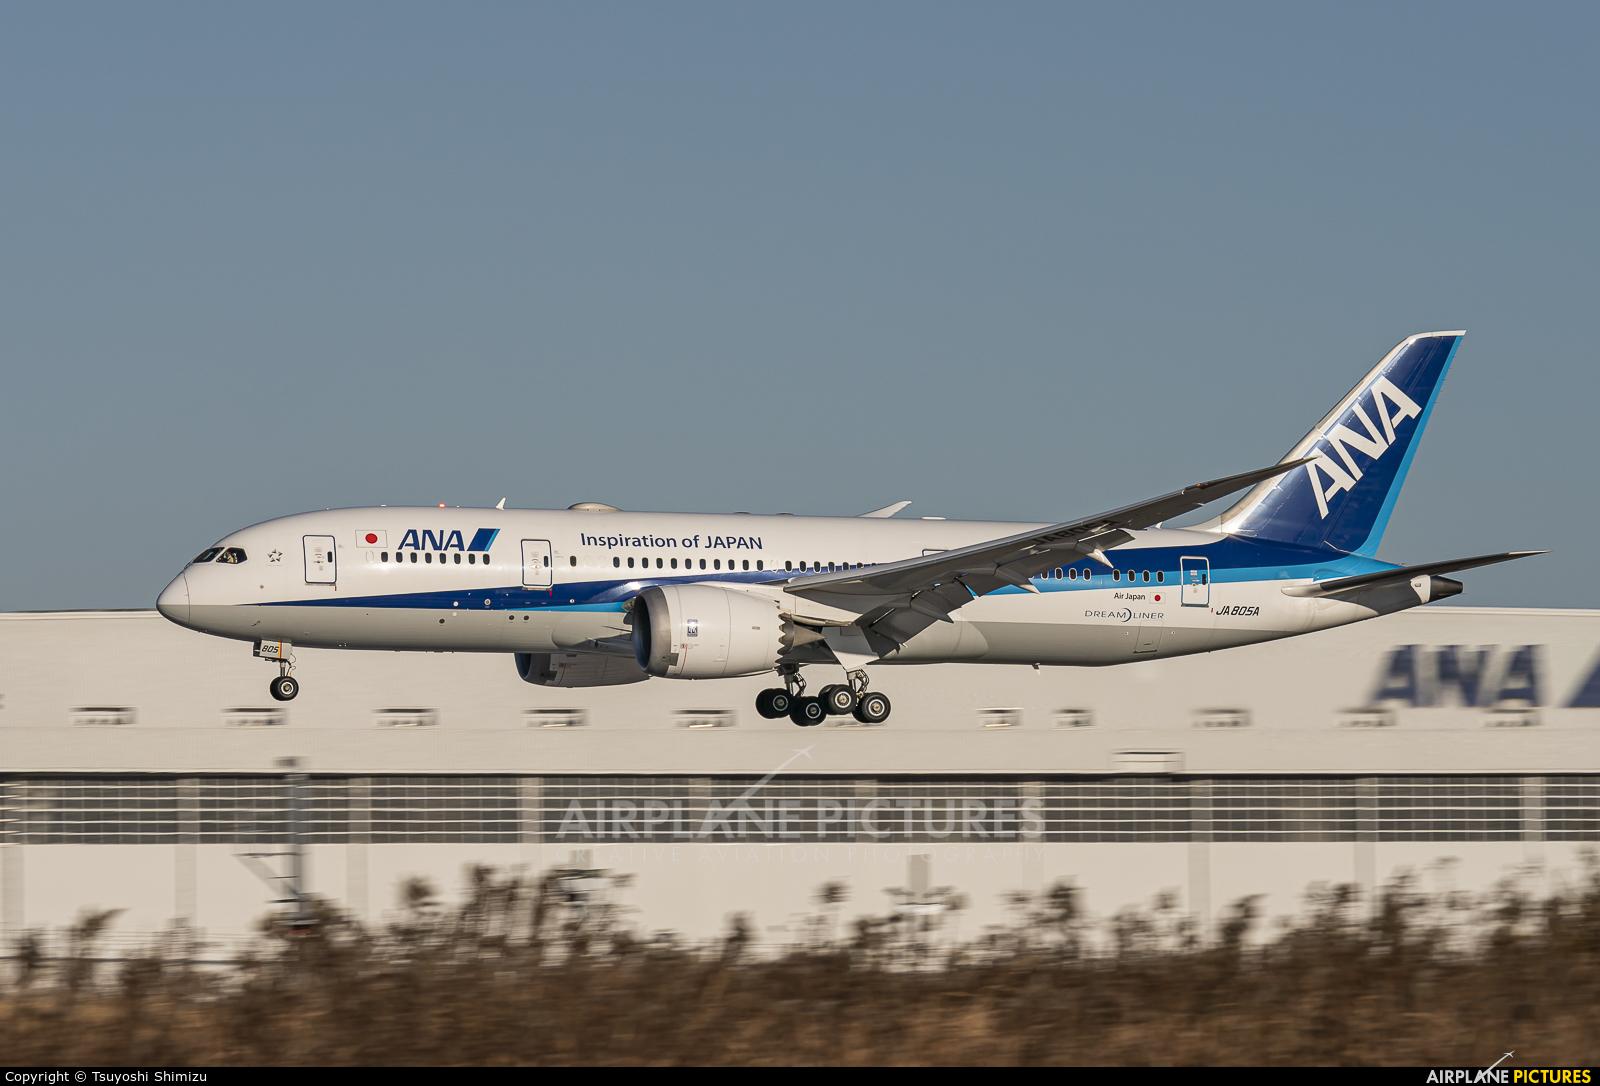 ANA - All Nippon Airways JA805A aircraft at Tokyo - Narita Intl